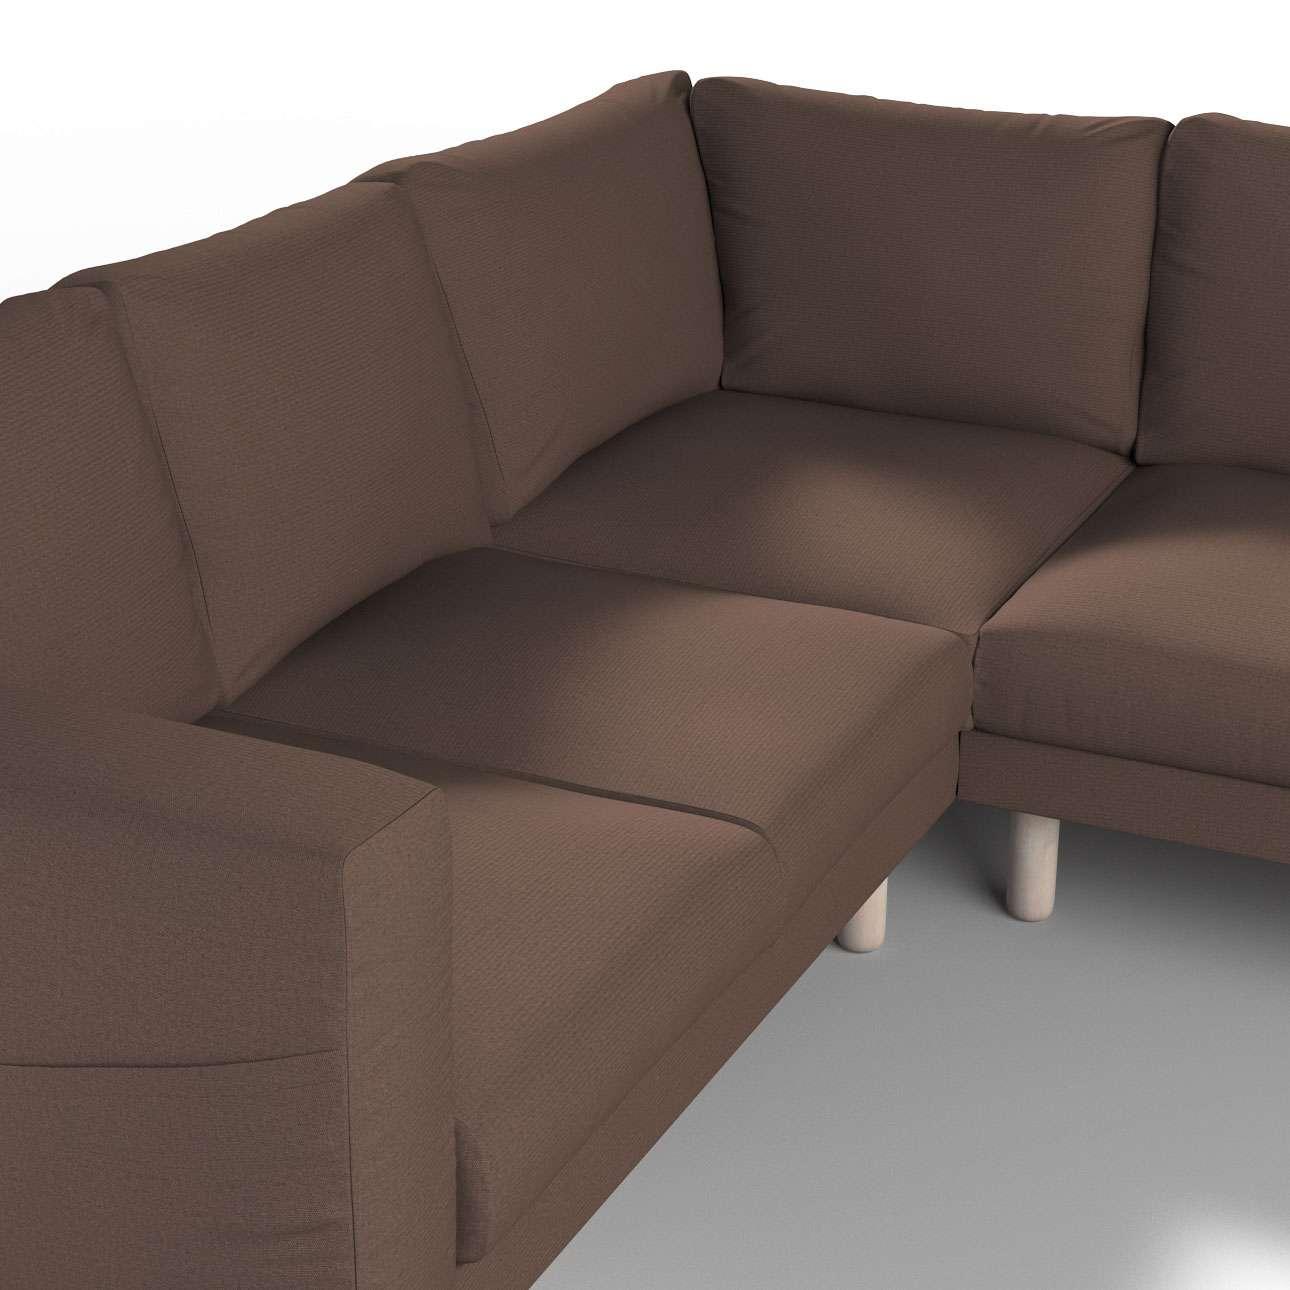 Pokrowiec na sofę narożną Norsborg 4-osobową w kolekcji Etna, tkanina: 705-08